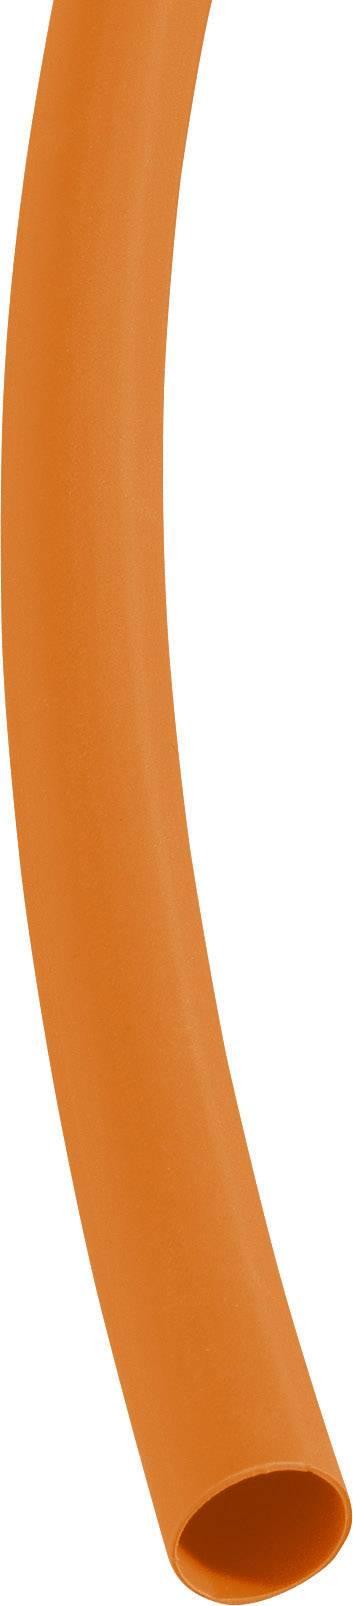 Zmršťovacia bužírka bez lepidla DSG Canusa 3290120203, 3:1, 12.70 mm, oranžová, metrový tovar